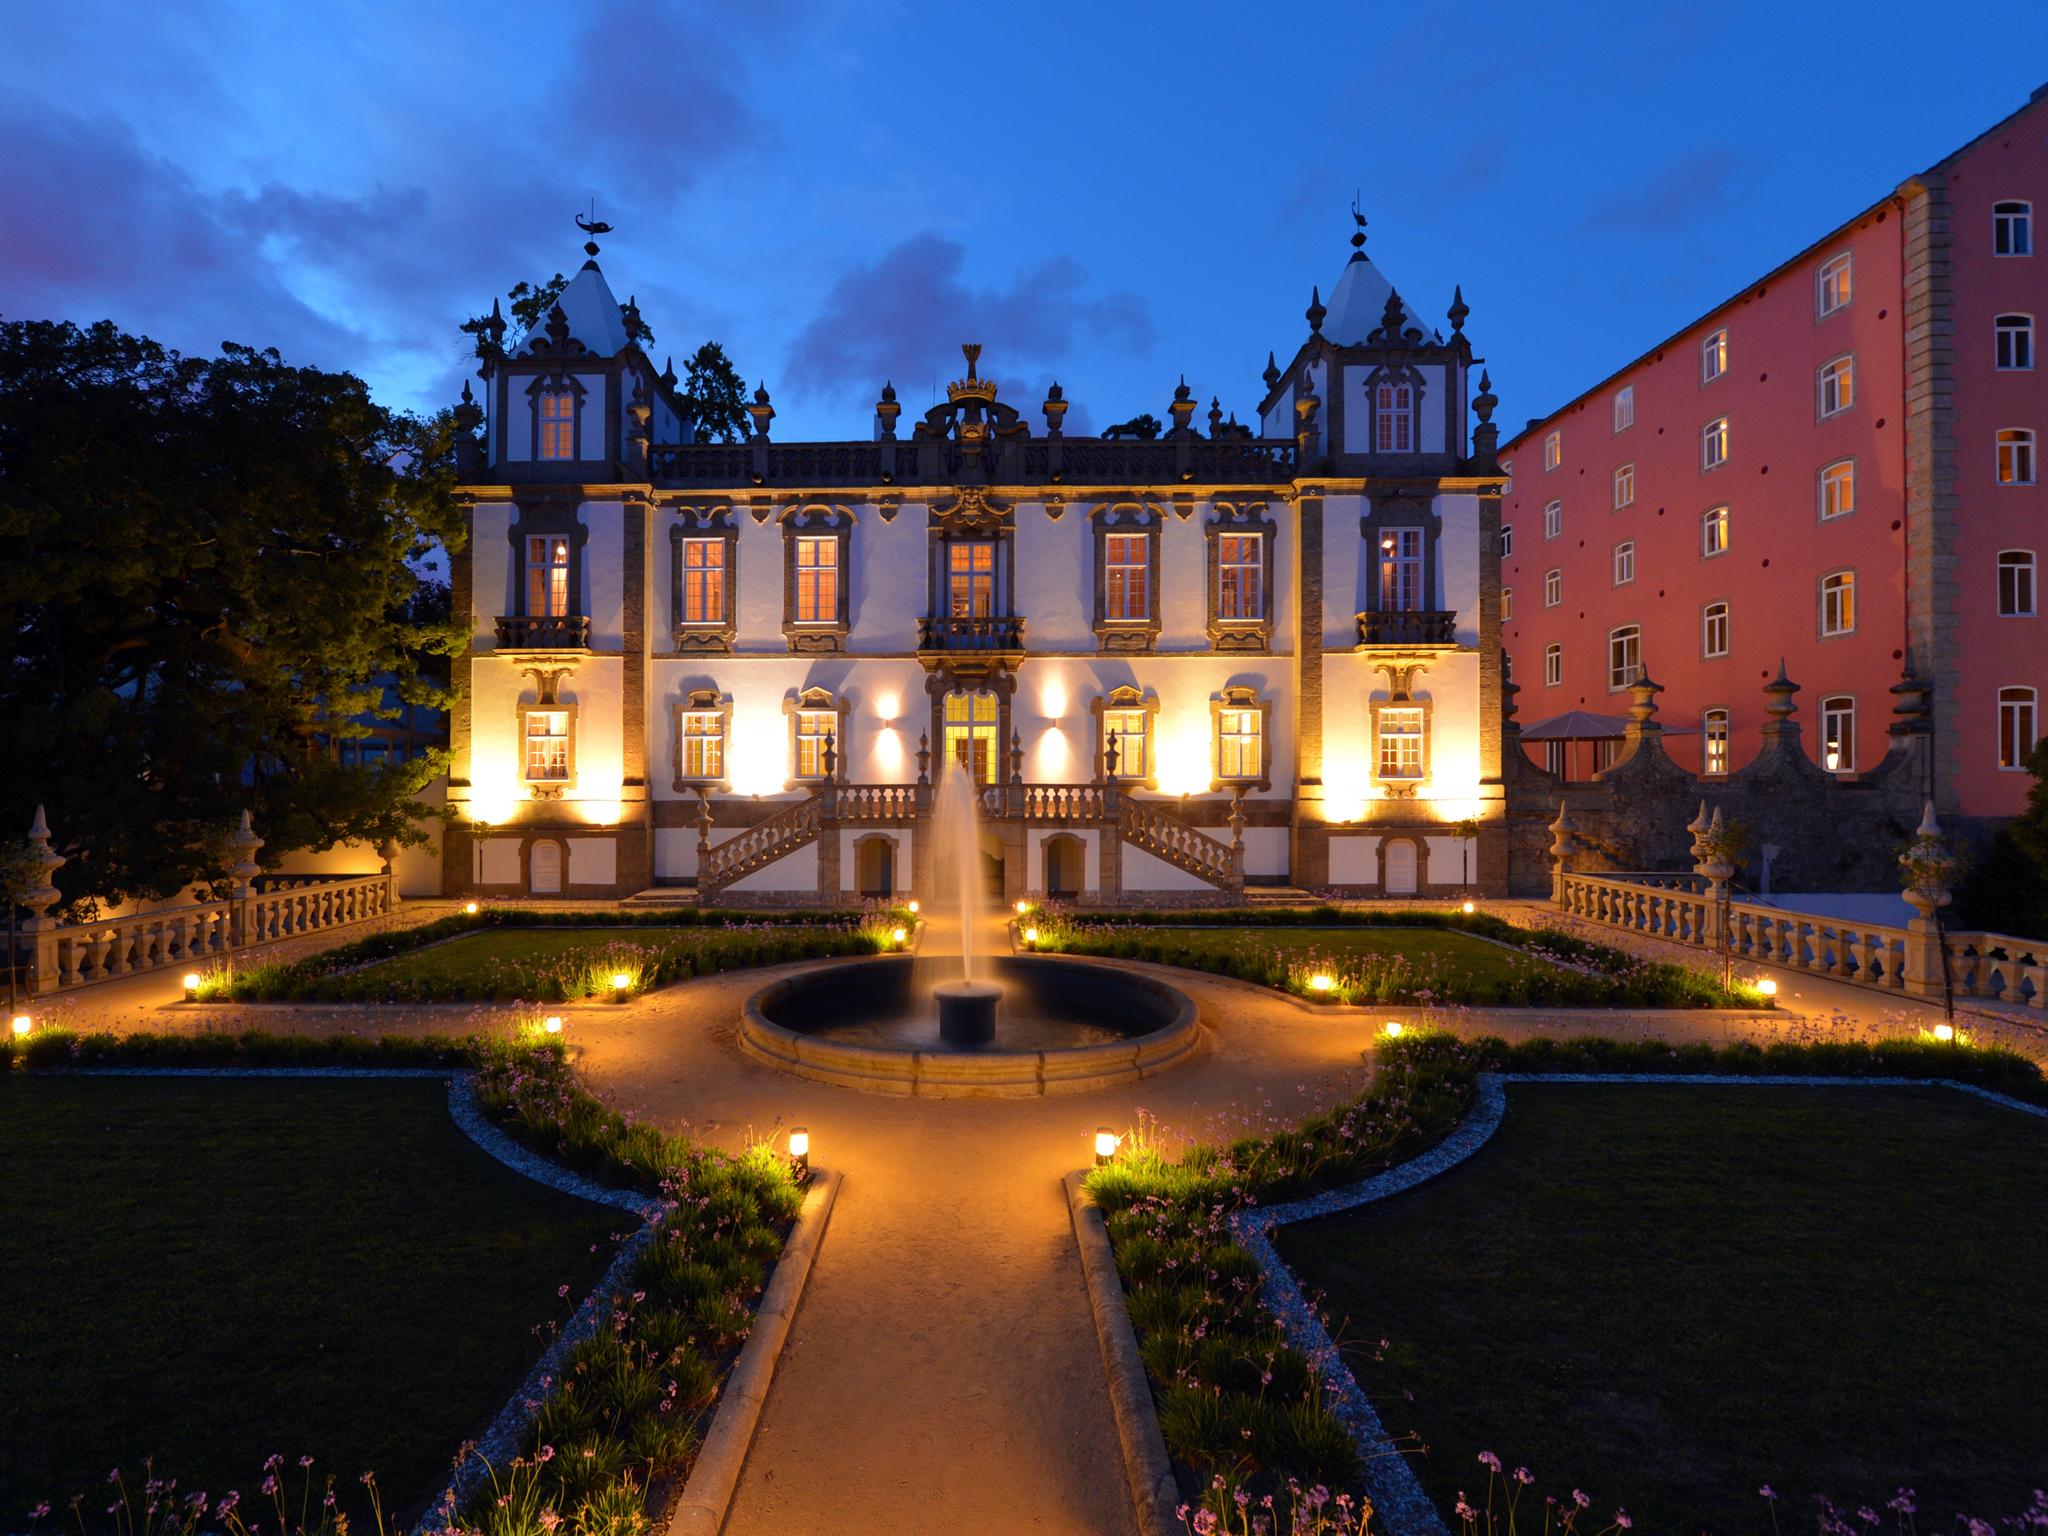 Pestana Palácio do Freixo – Pousada & National Monument